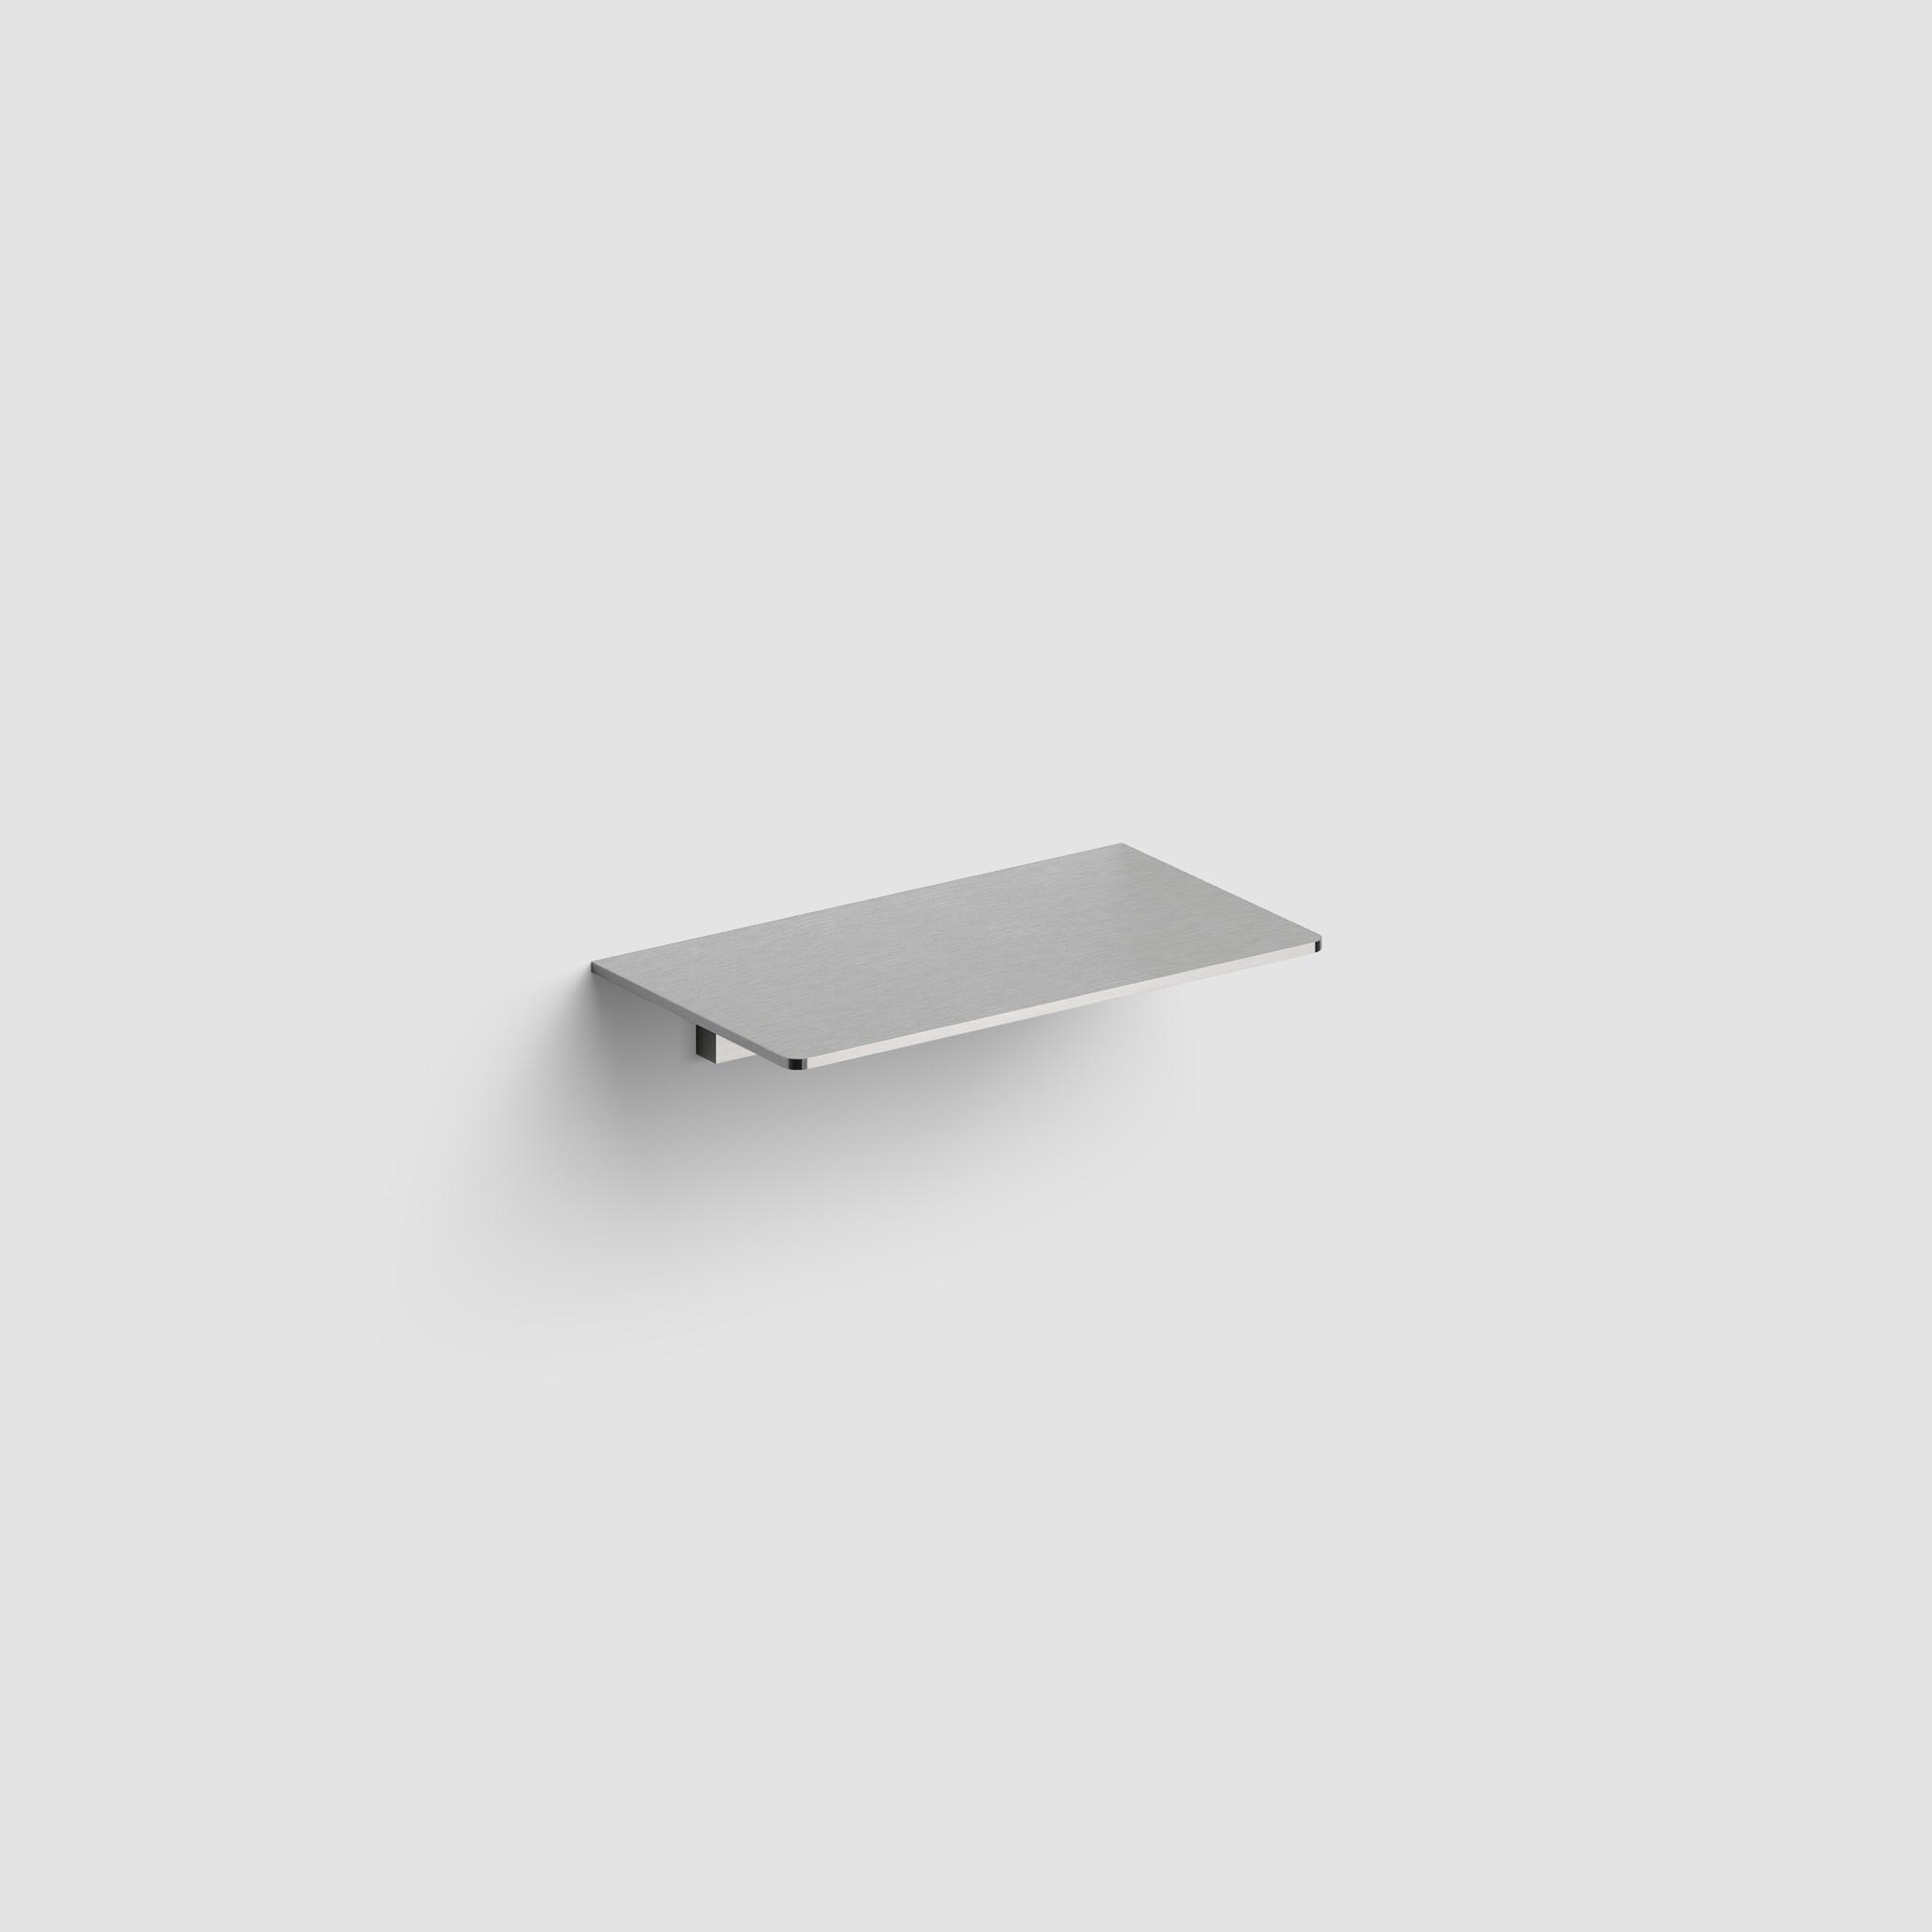 Sjokker tablette pour téléphone/douche